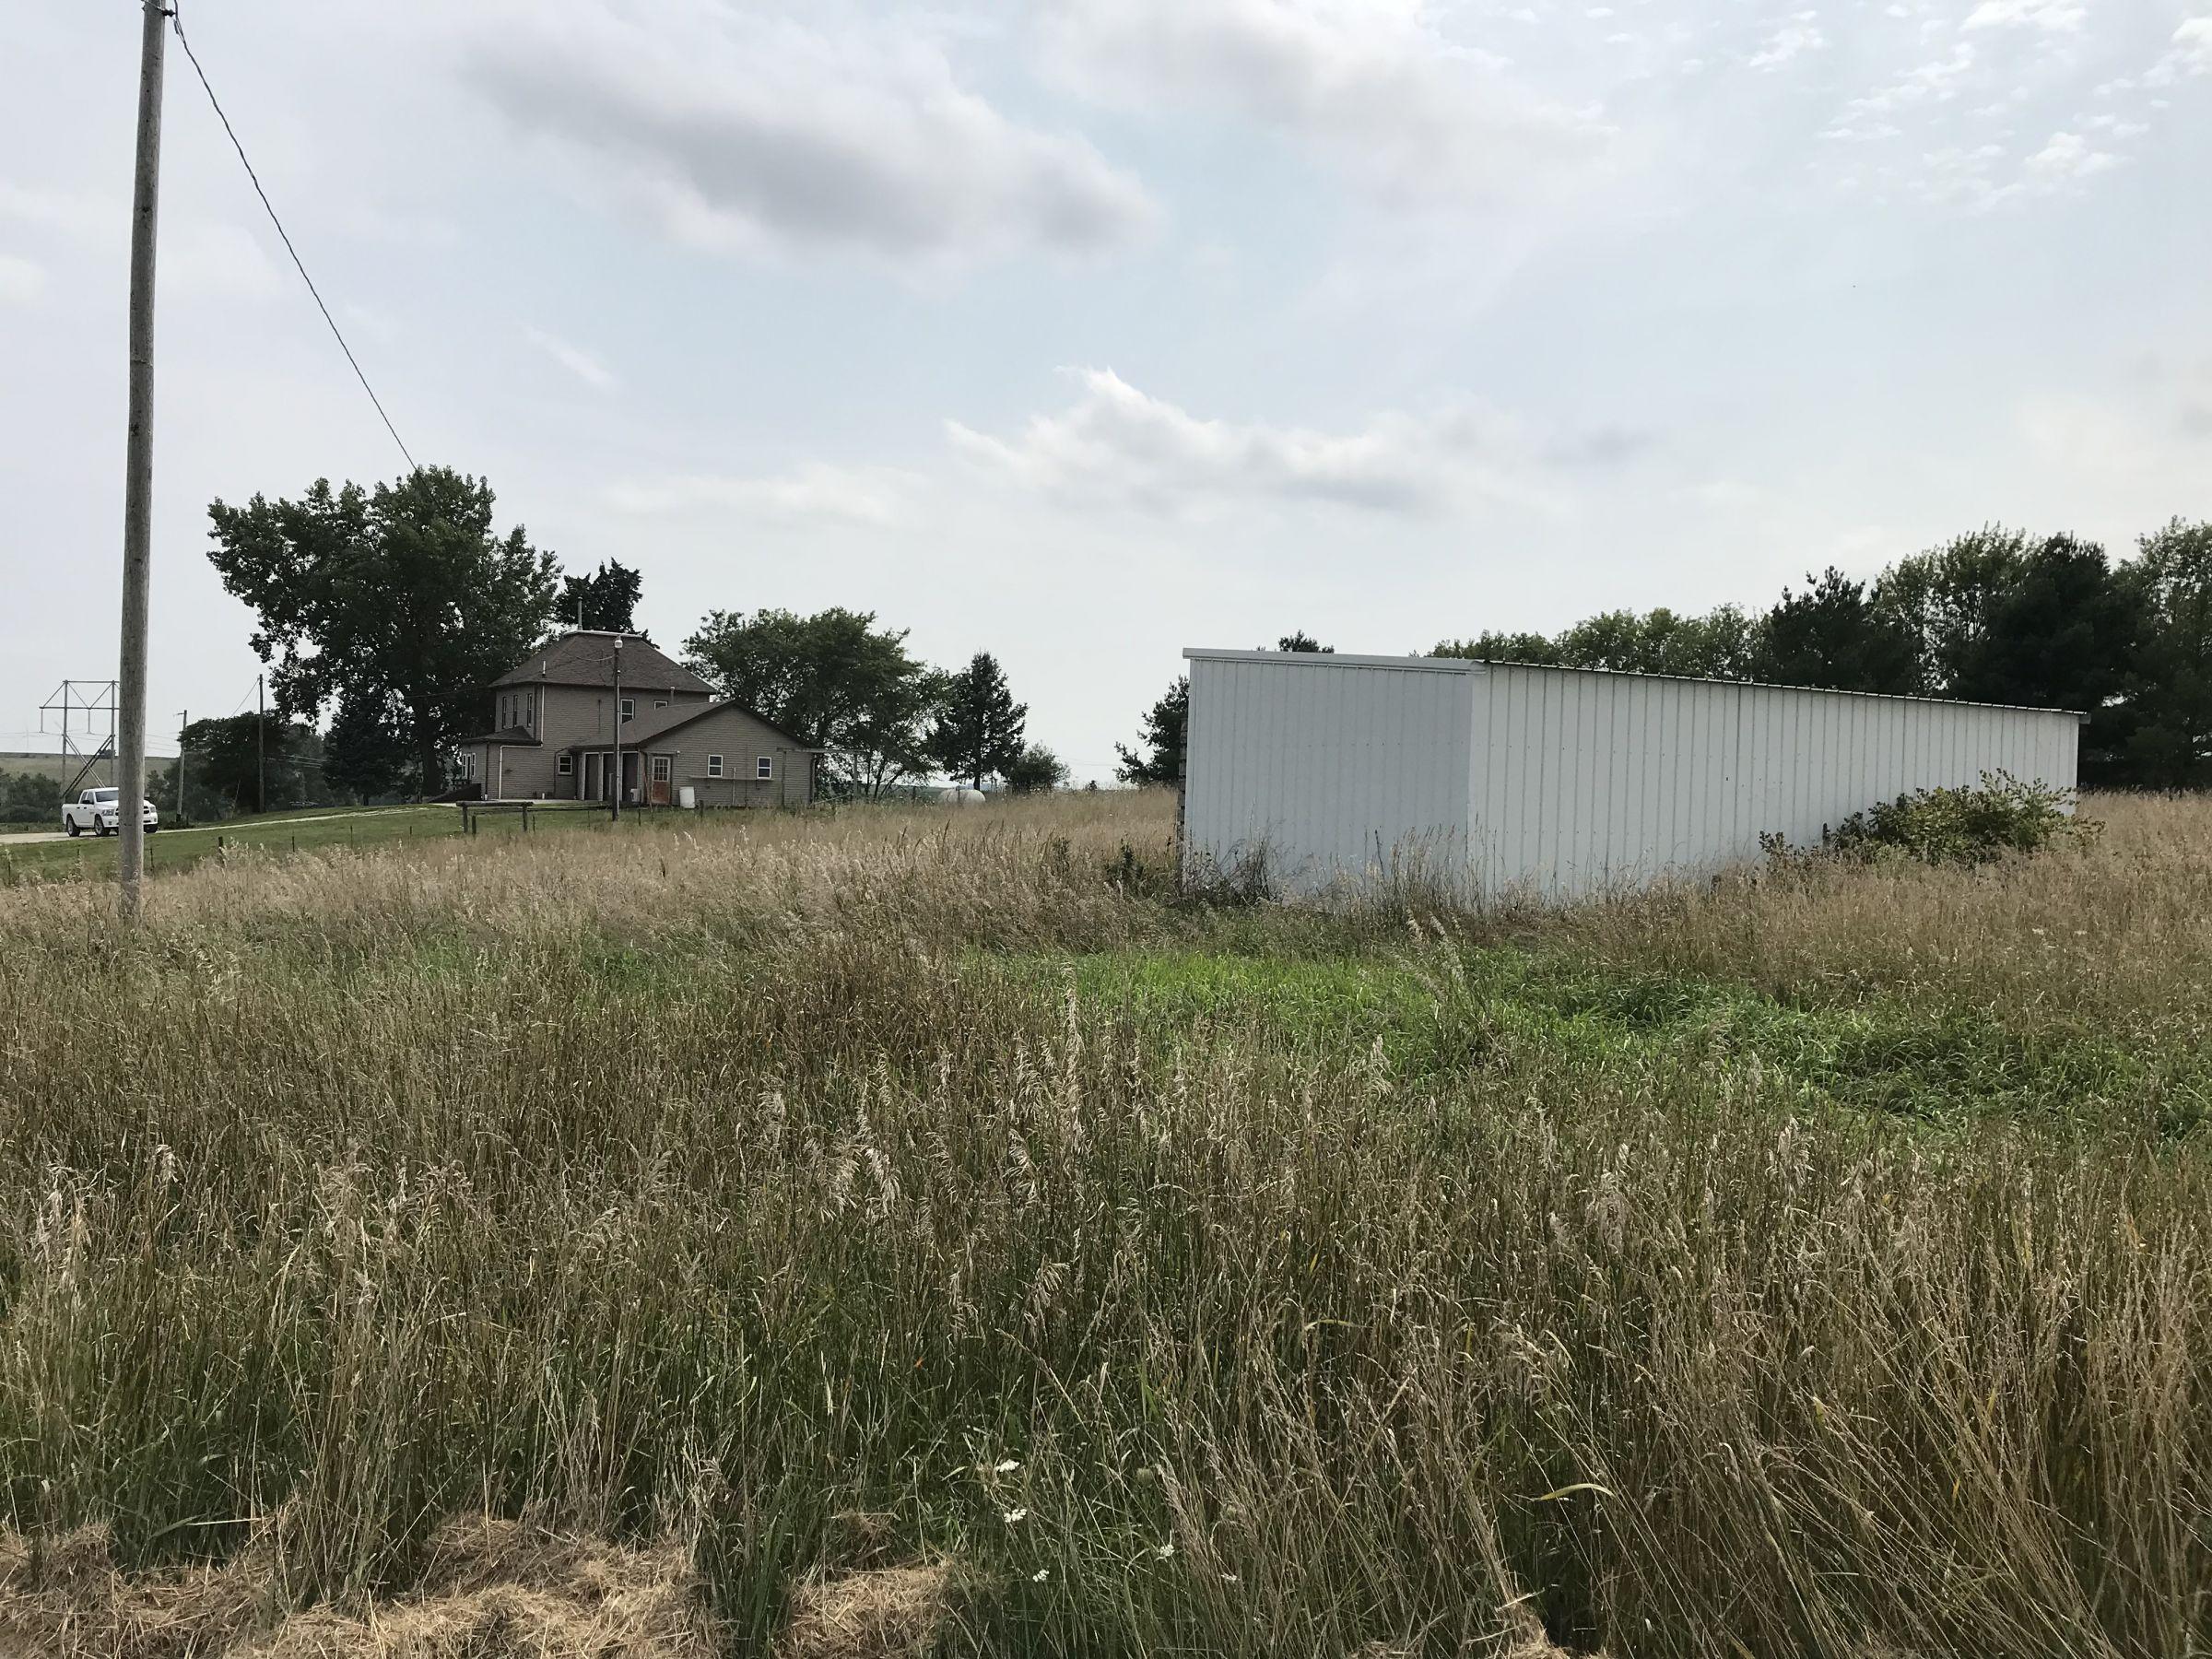 residential-adair-county-iowa-6-acres-listing-number-15664-9-2021-08-06-135503.jpg